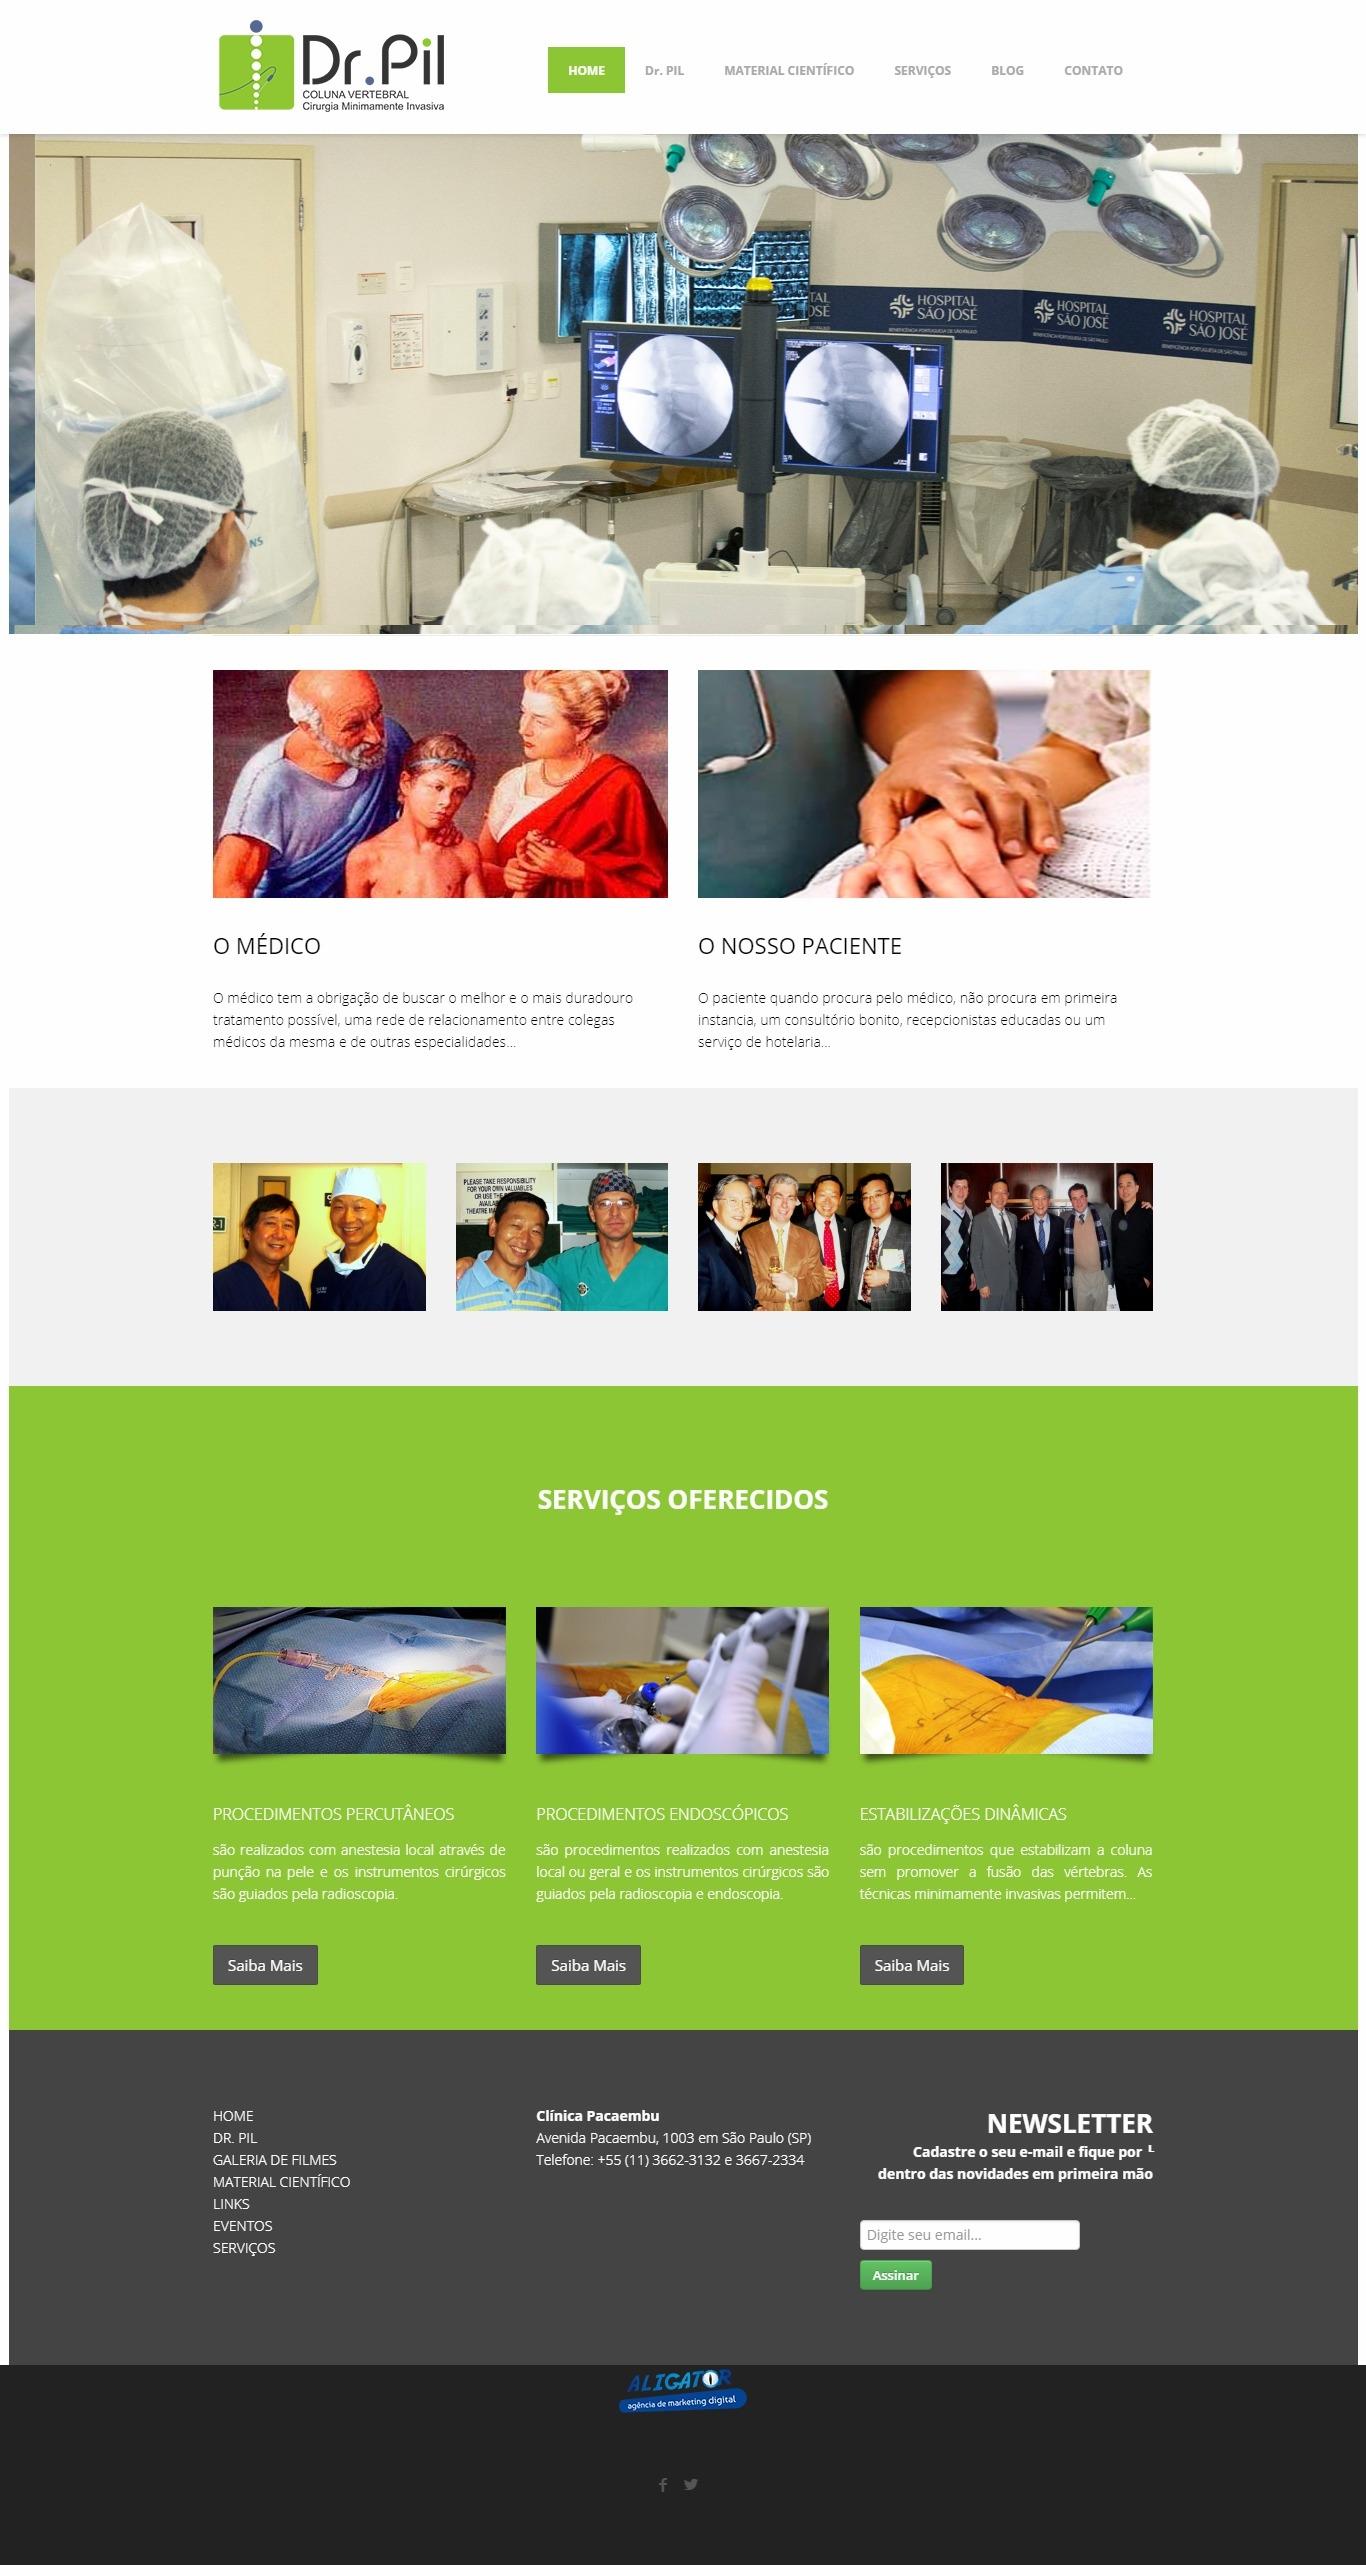 Criação de site para o Dr Pil Sun Choi